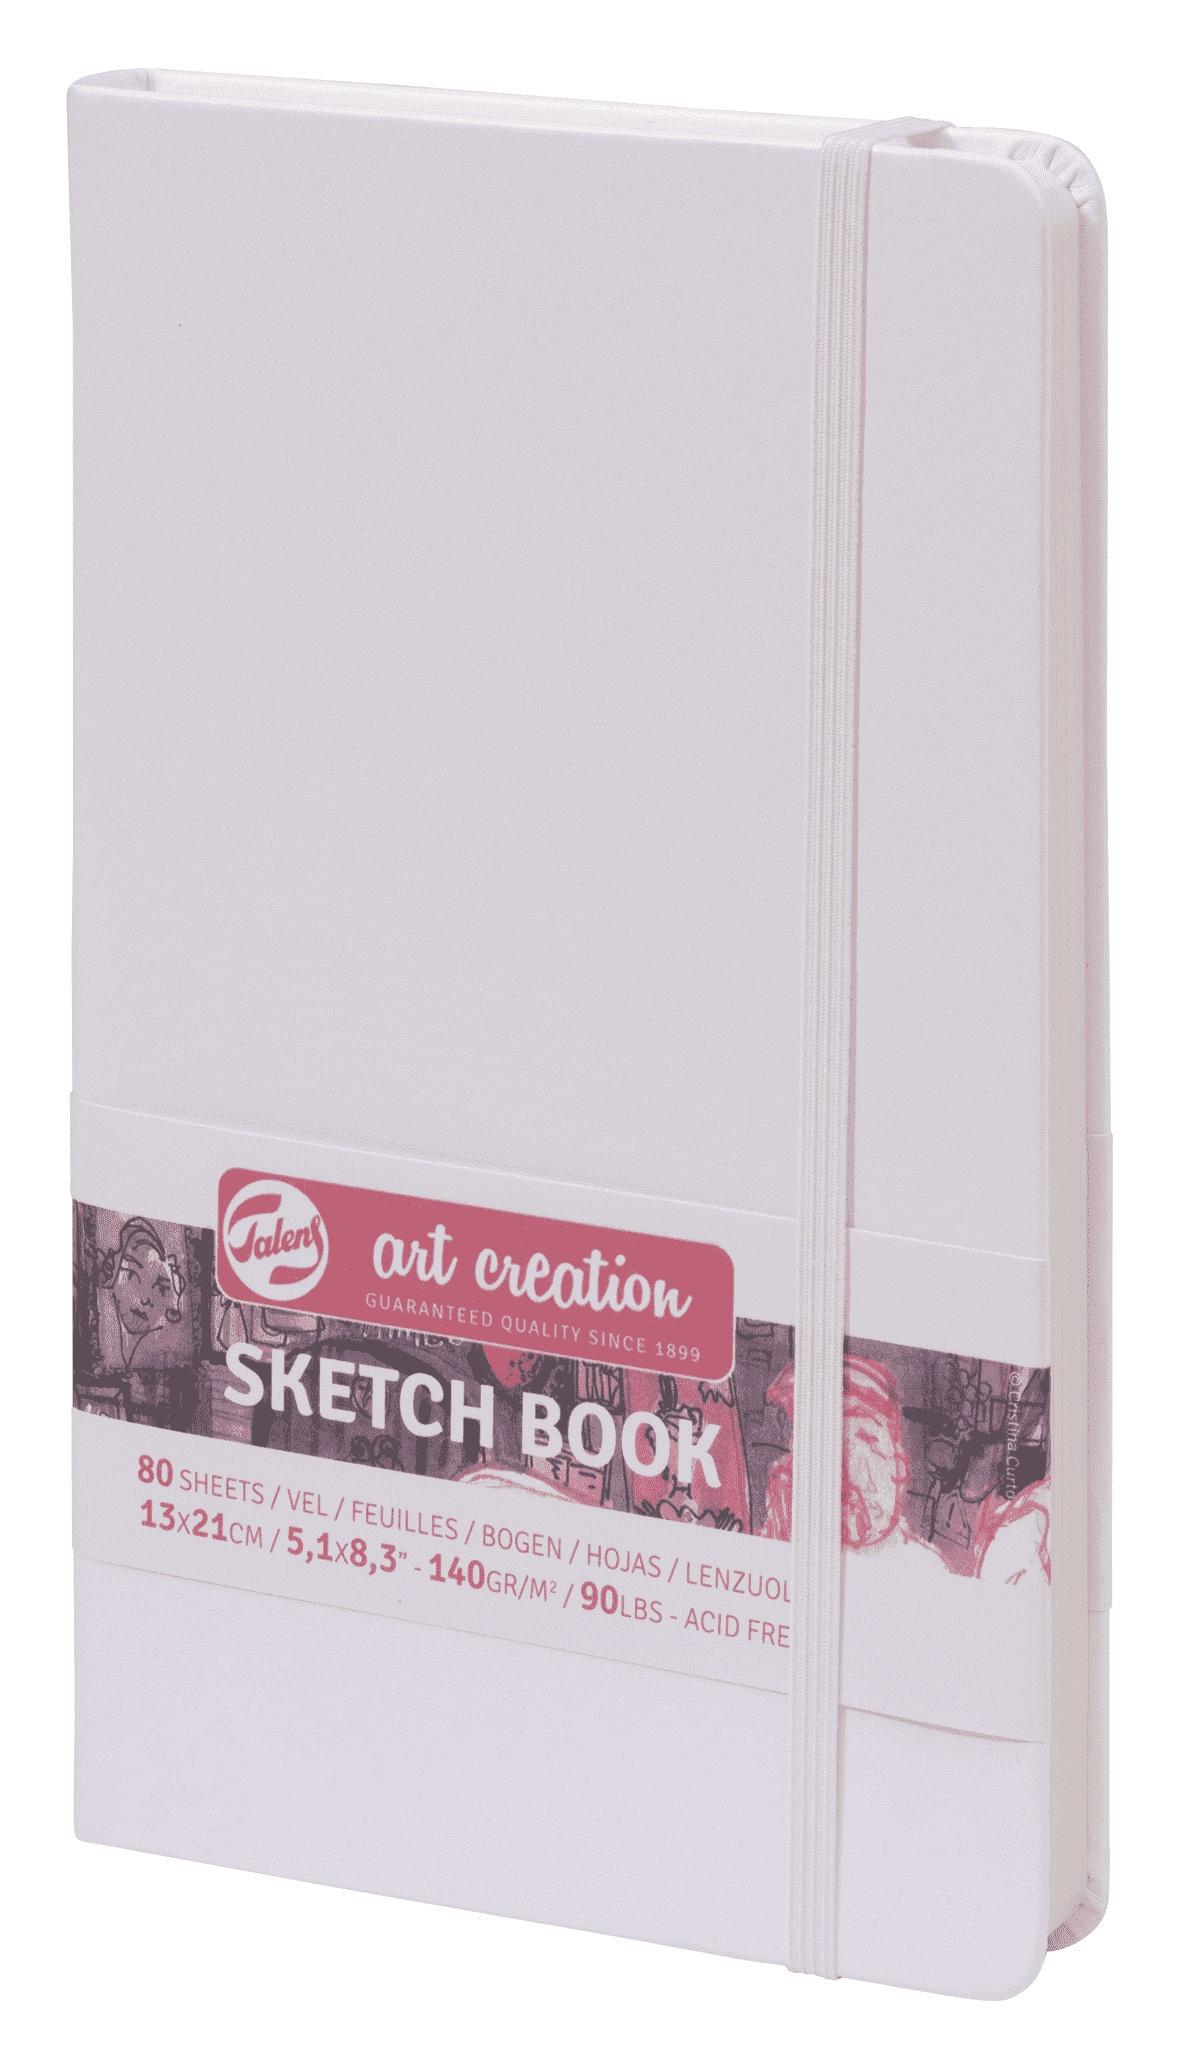 Royal Talens Блокнот для зарисовок Art Creation цвет белый 80 листов 9314102M цены онлайн